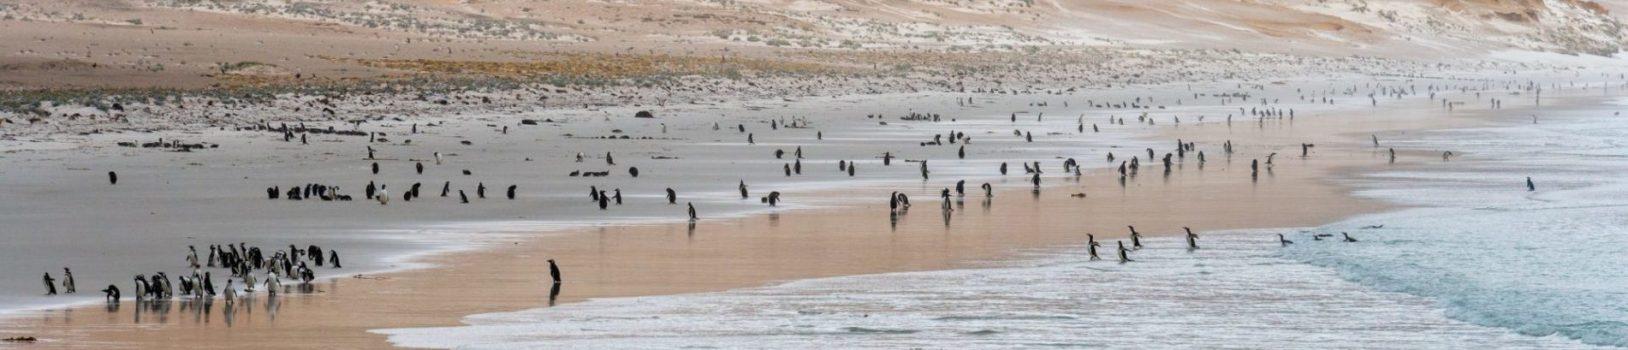 Falkland-Islands-e1565253585713.jpg